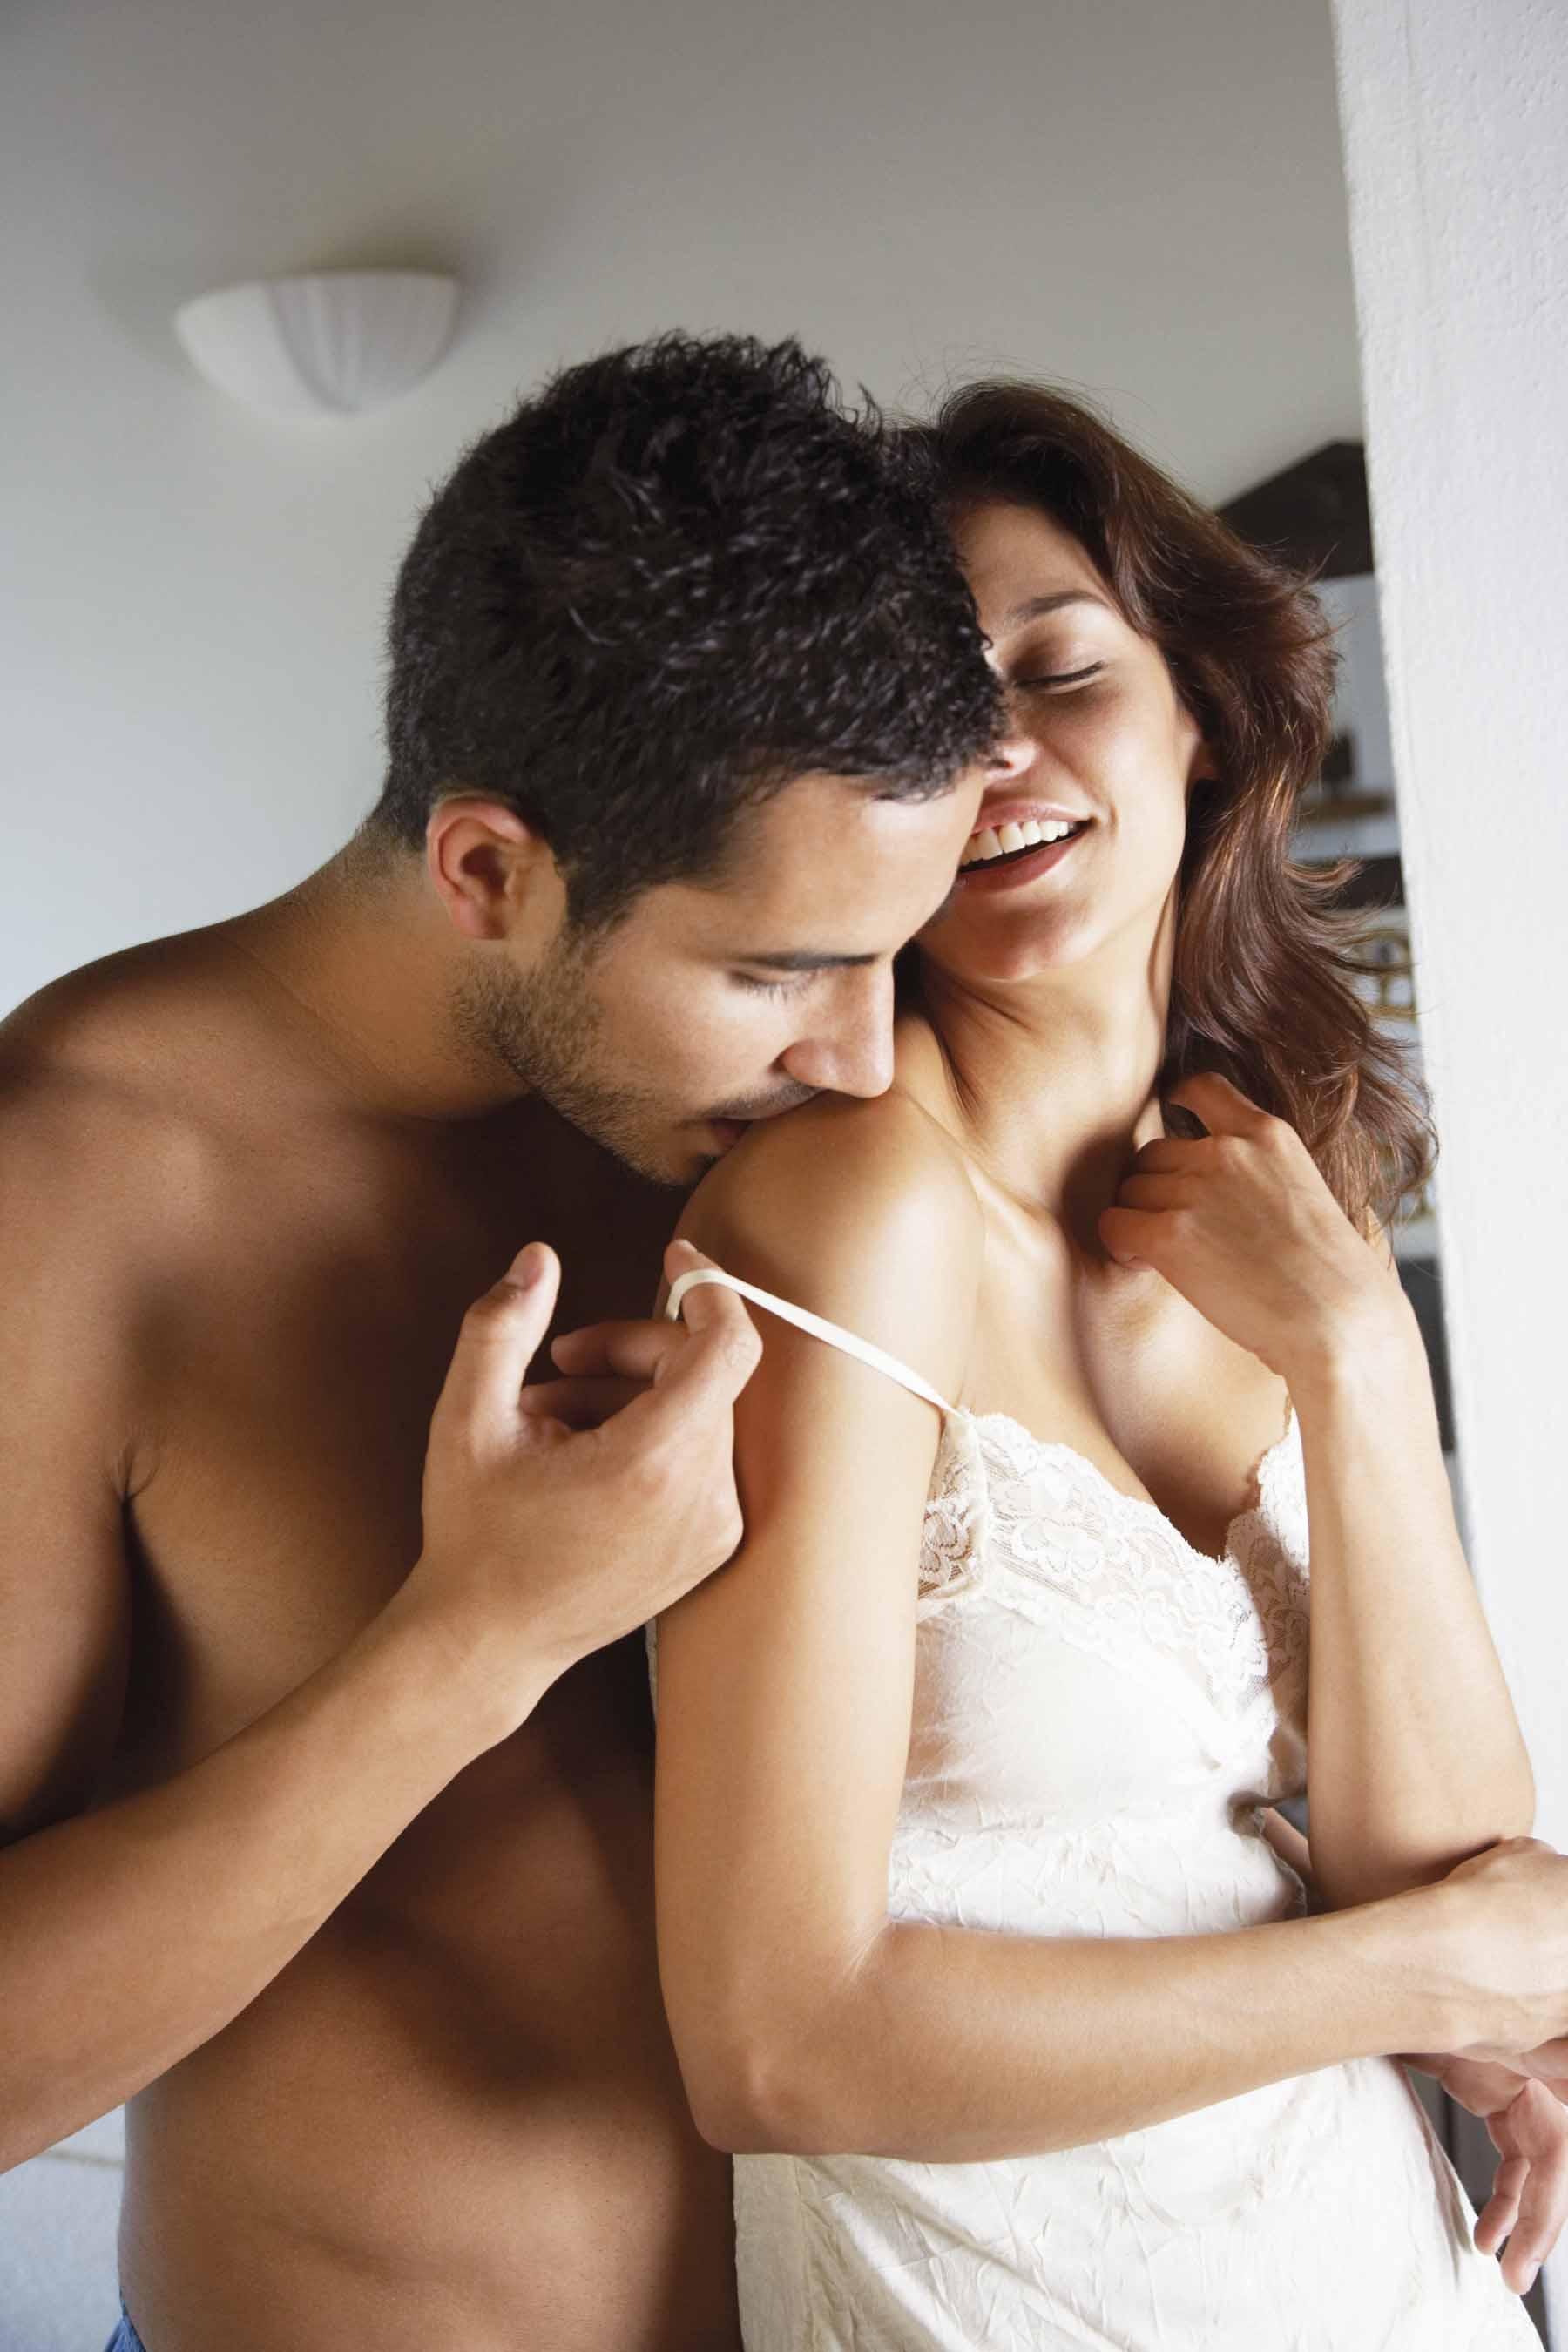 porno-roliki-s-sekretarshami-s-analom